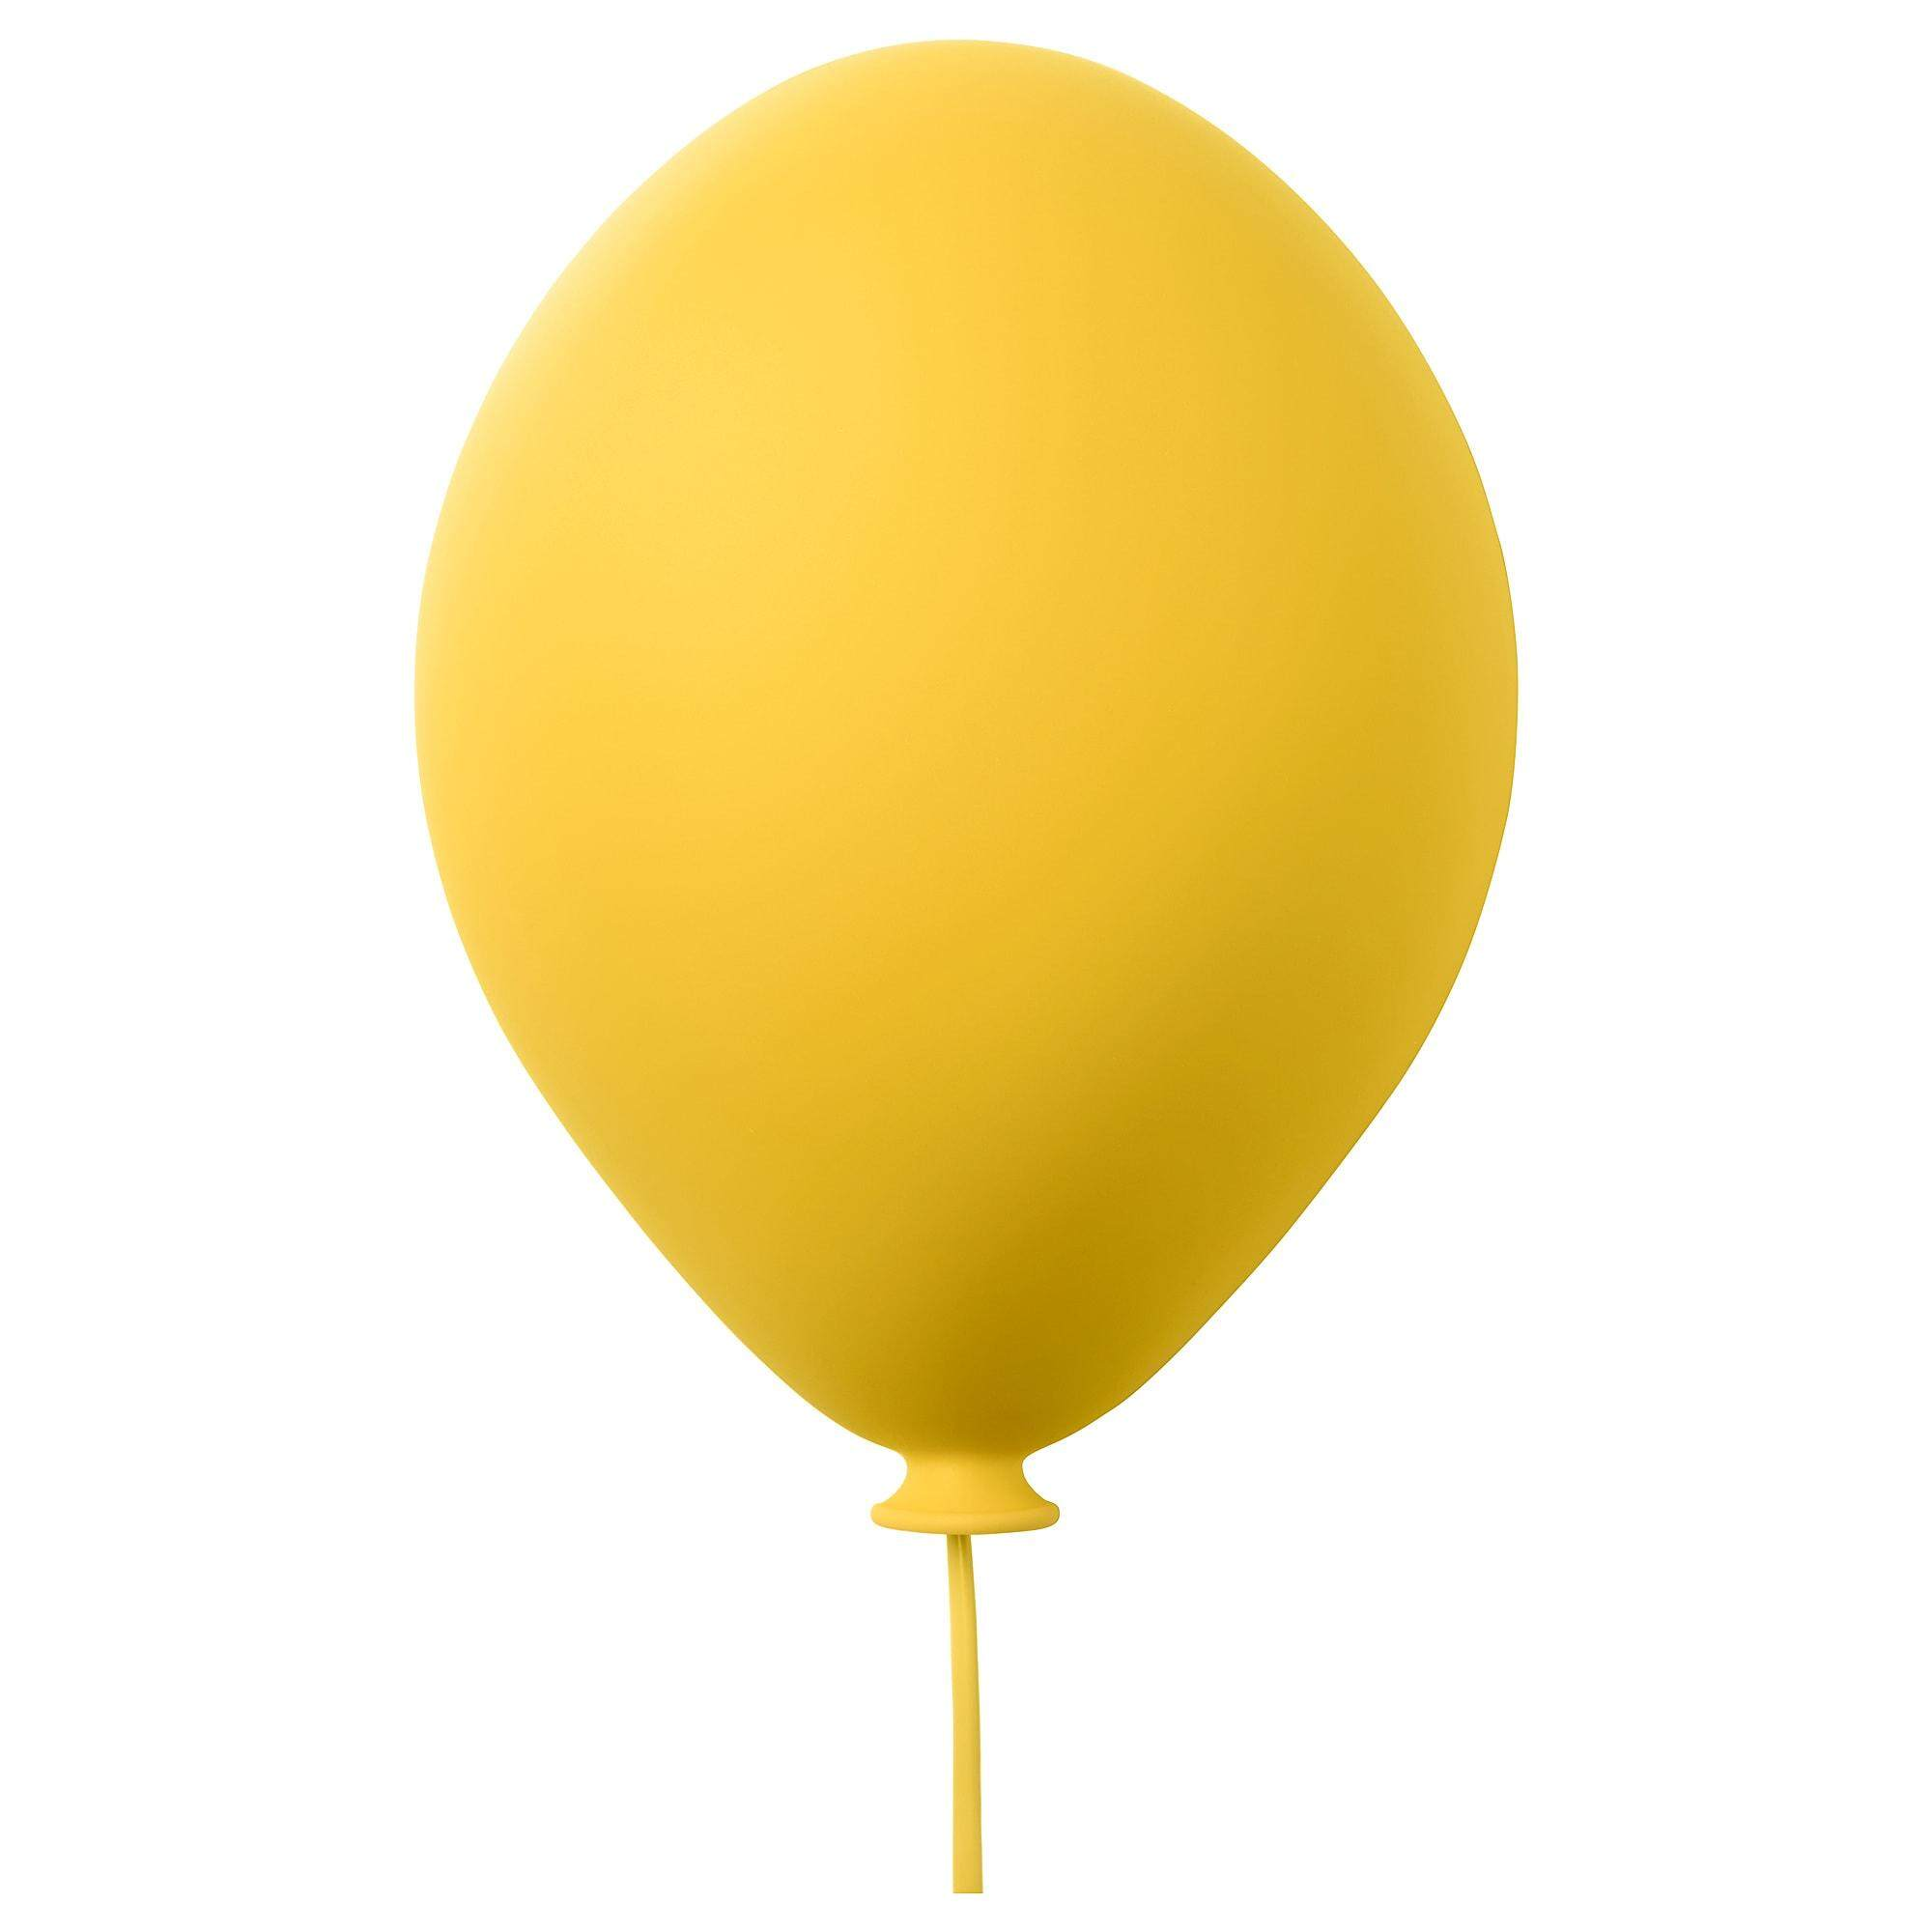 โปรโมชั่น DrÖmminge เดริมมิงเง่อ โคมไฟติดผนัง เหลือง ให้แสงไฟอ่อนๆ จาก Ikea By Spa Land.